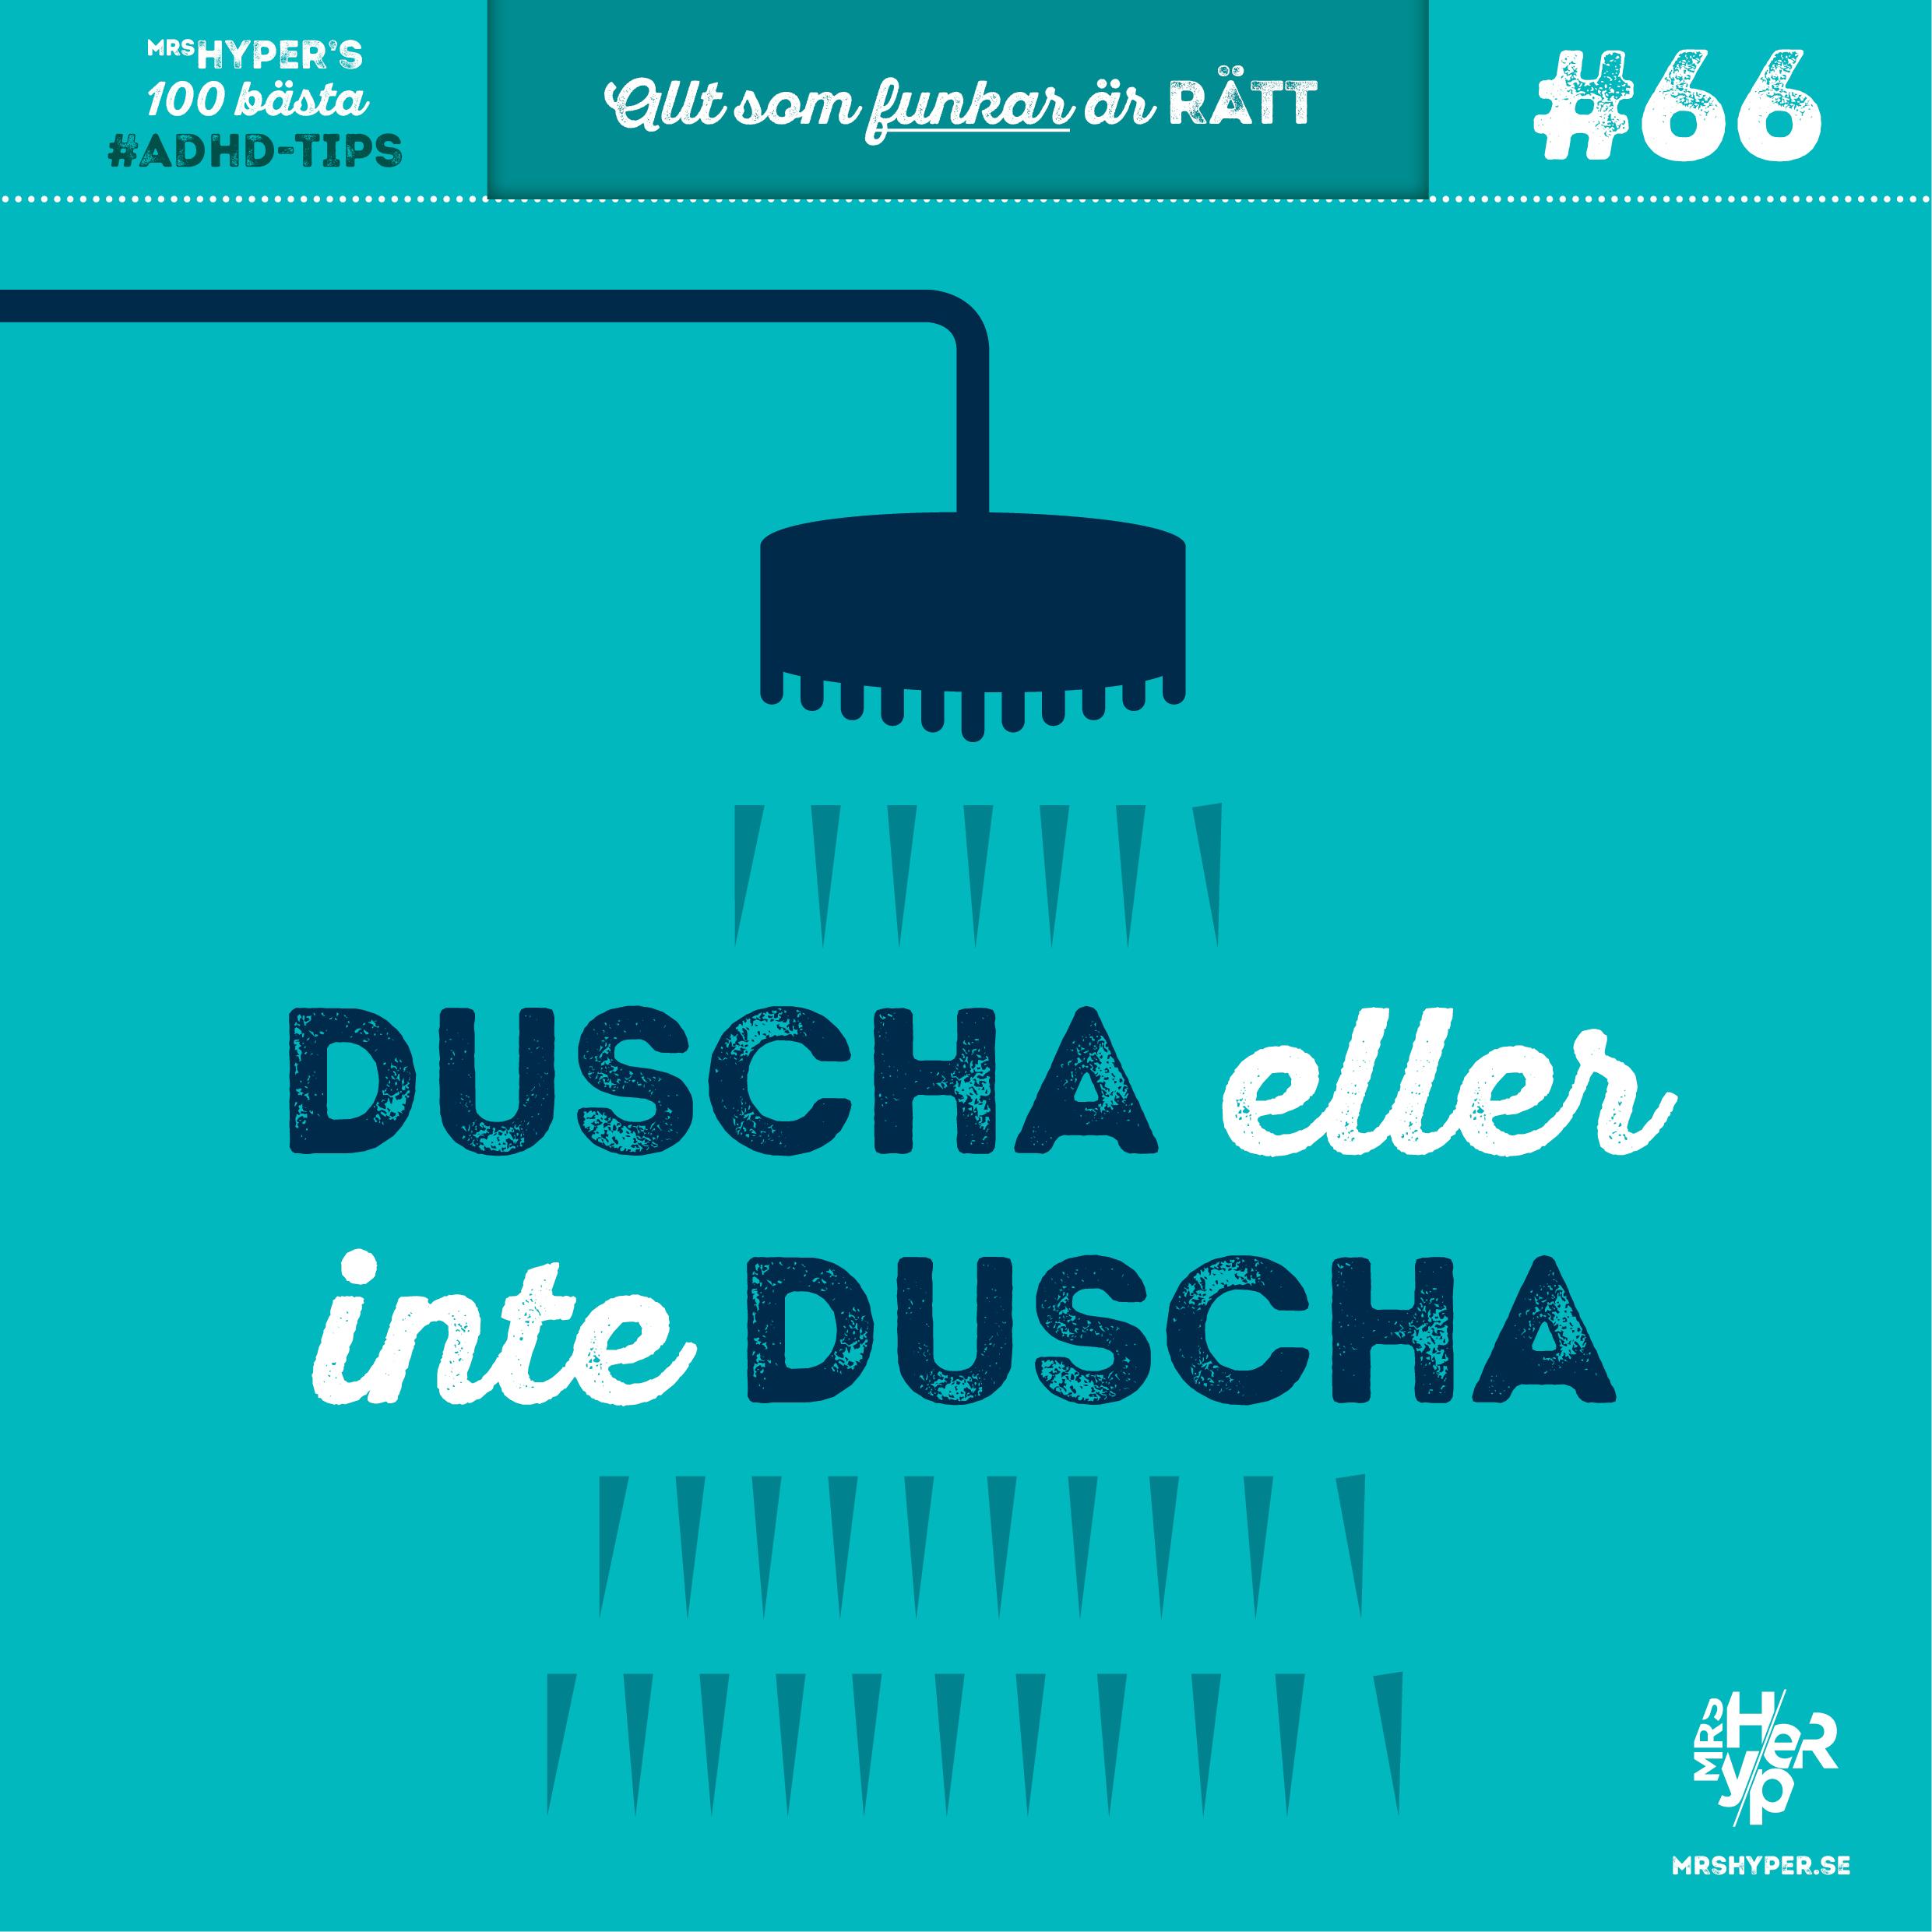 ADHD-tips #66. Duscha eller inte duscha, det är frågan.